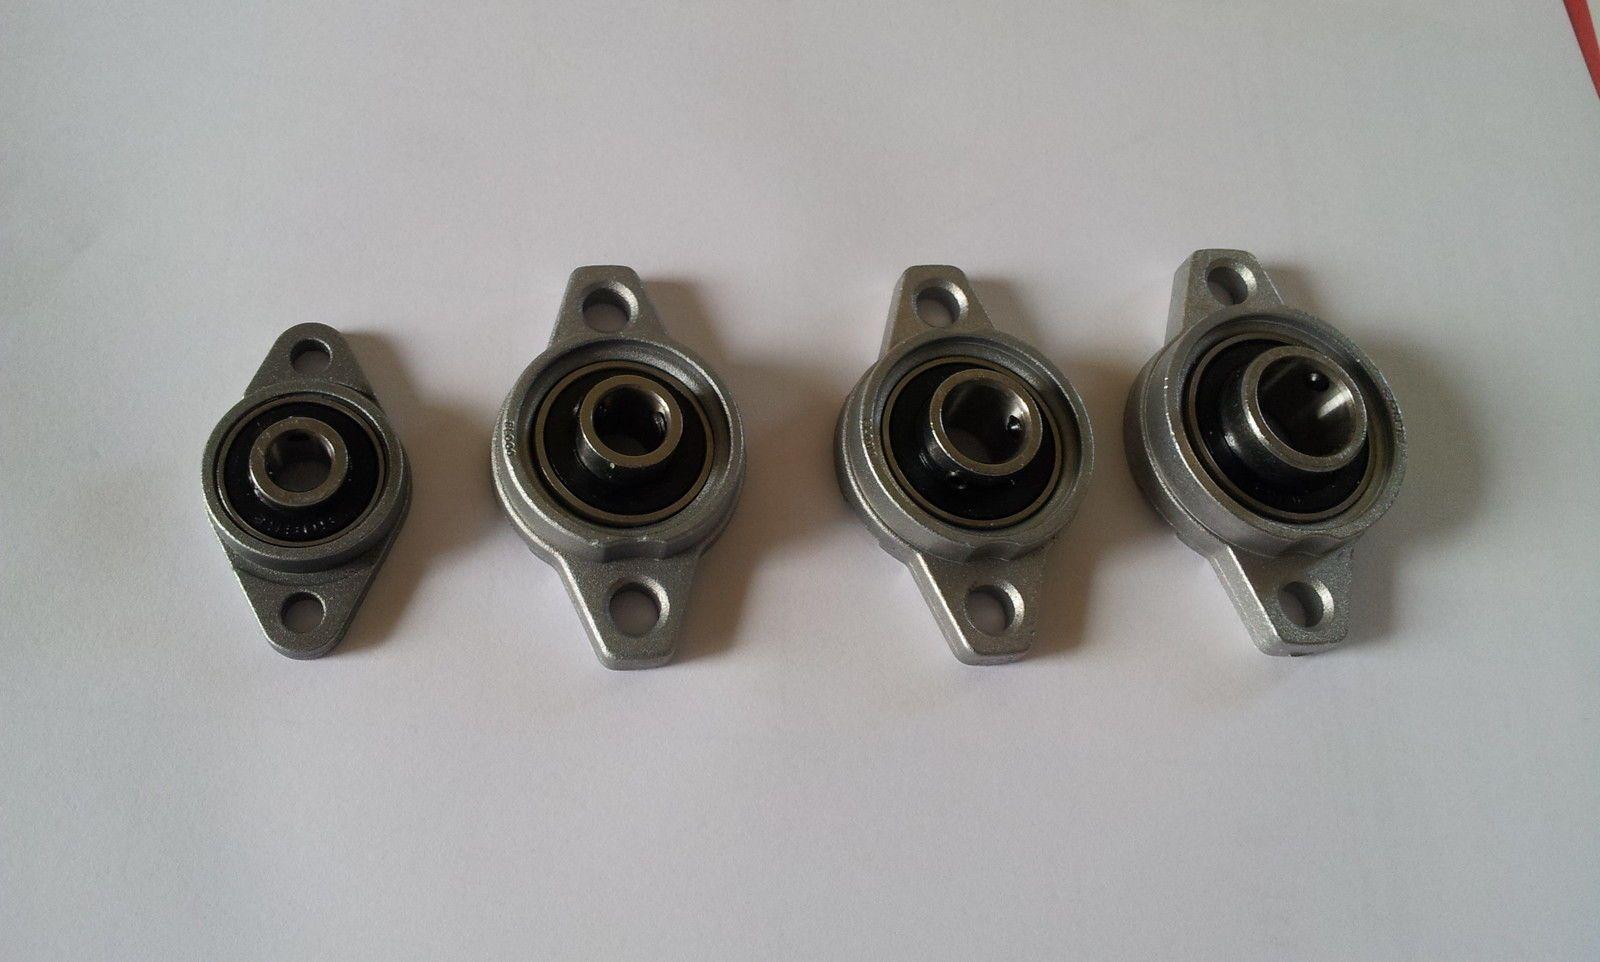 Palier applique à 2 trous ovale ucfl015 axe 15mm paliers